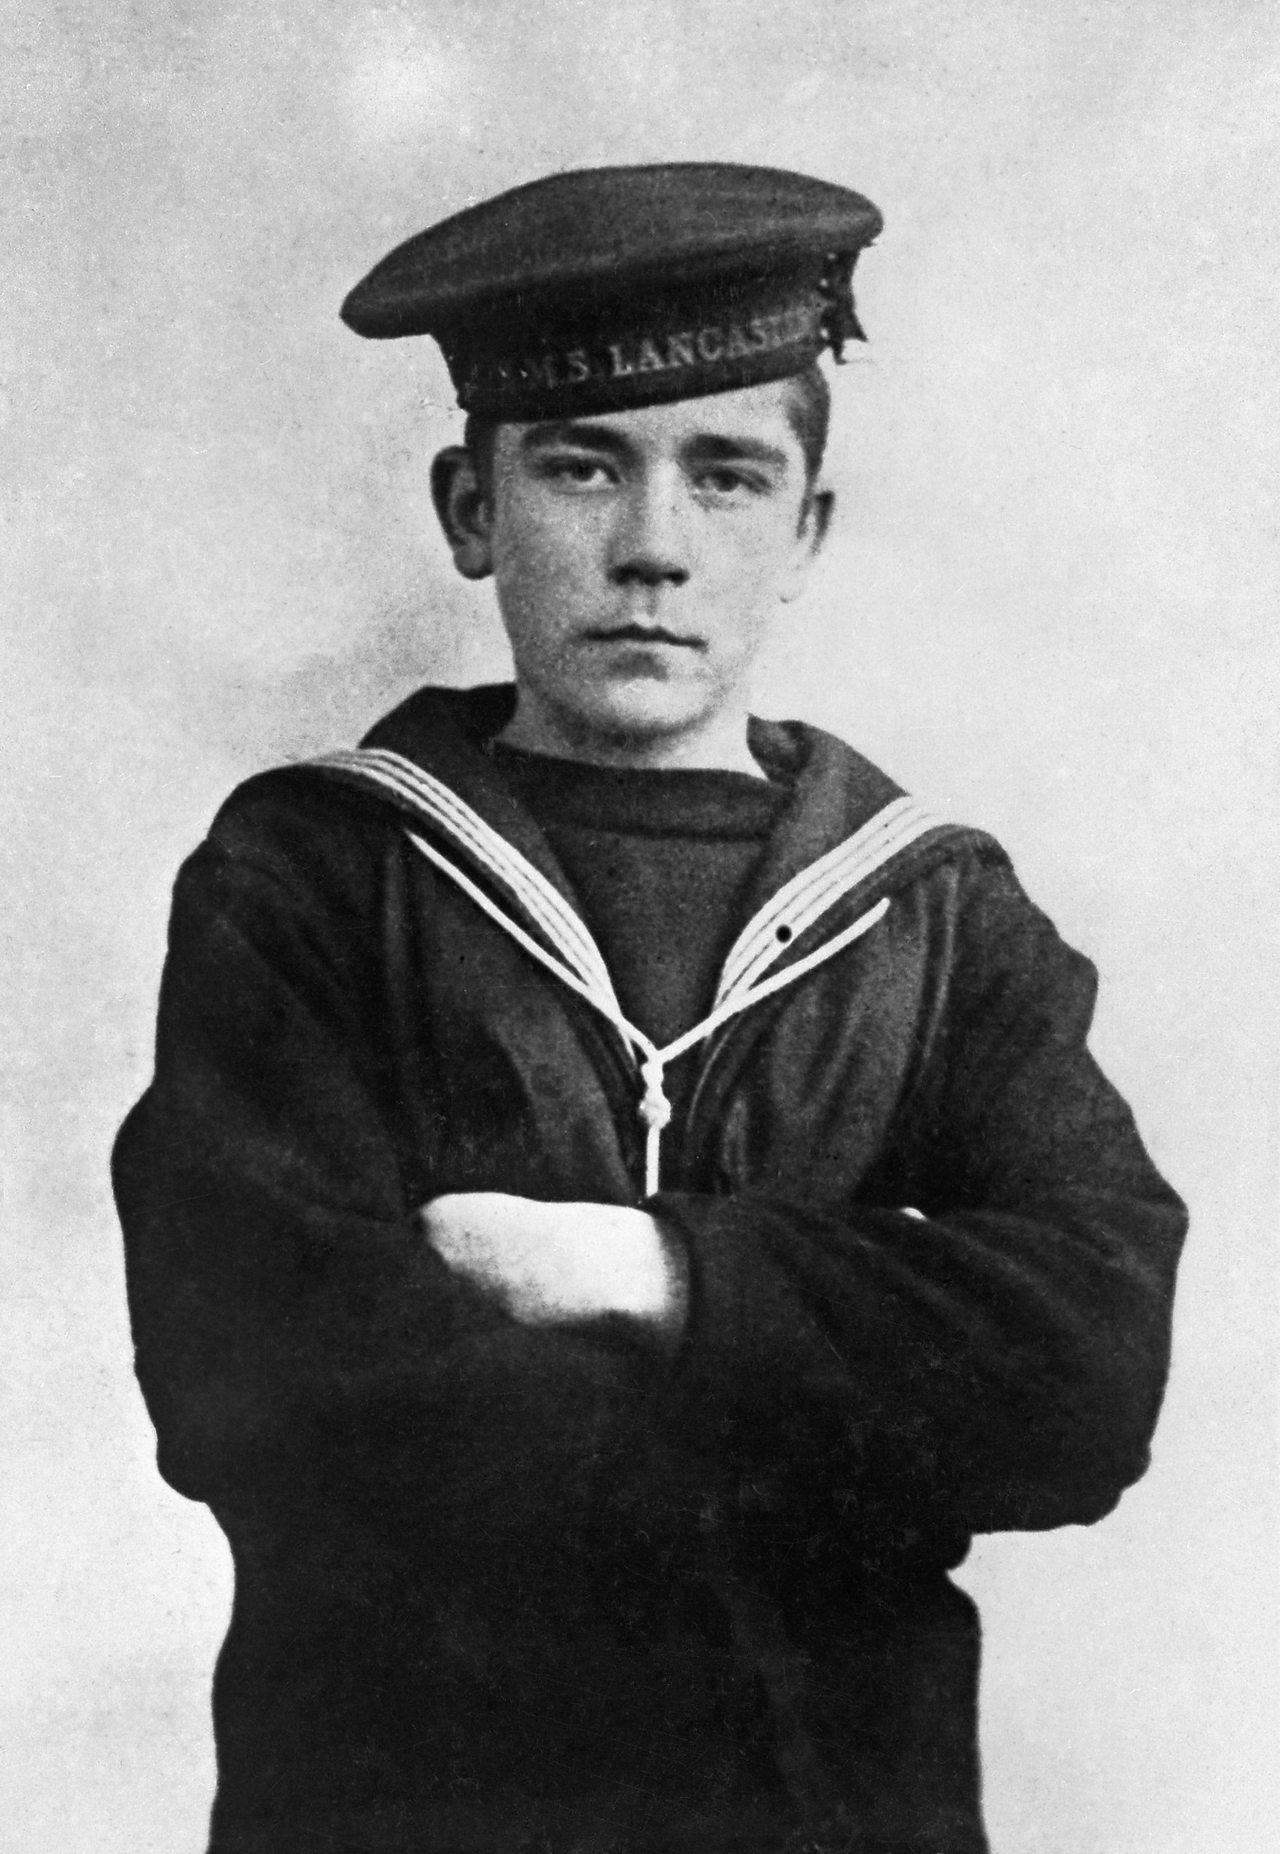 An image of Jack Cornwell